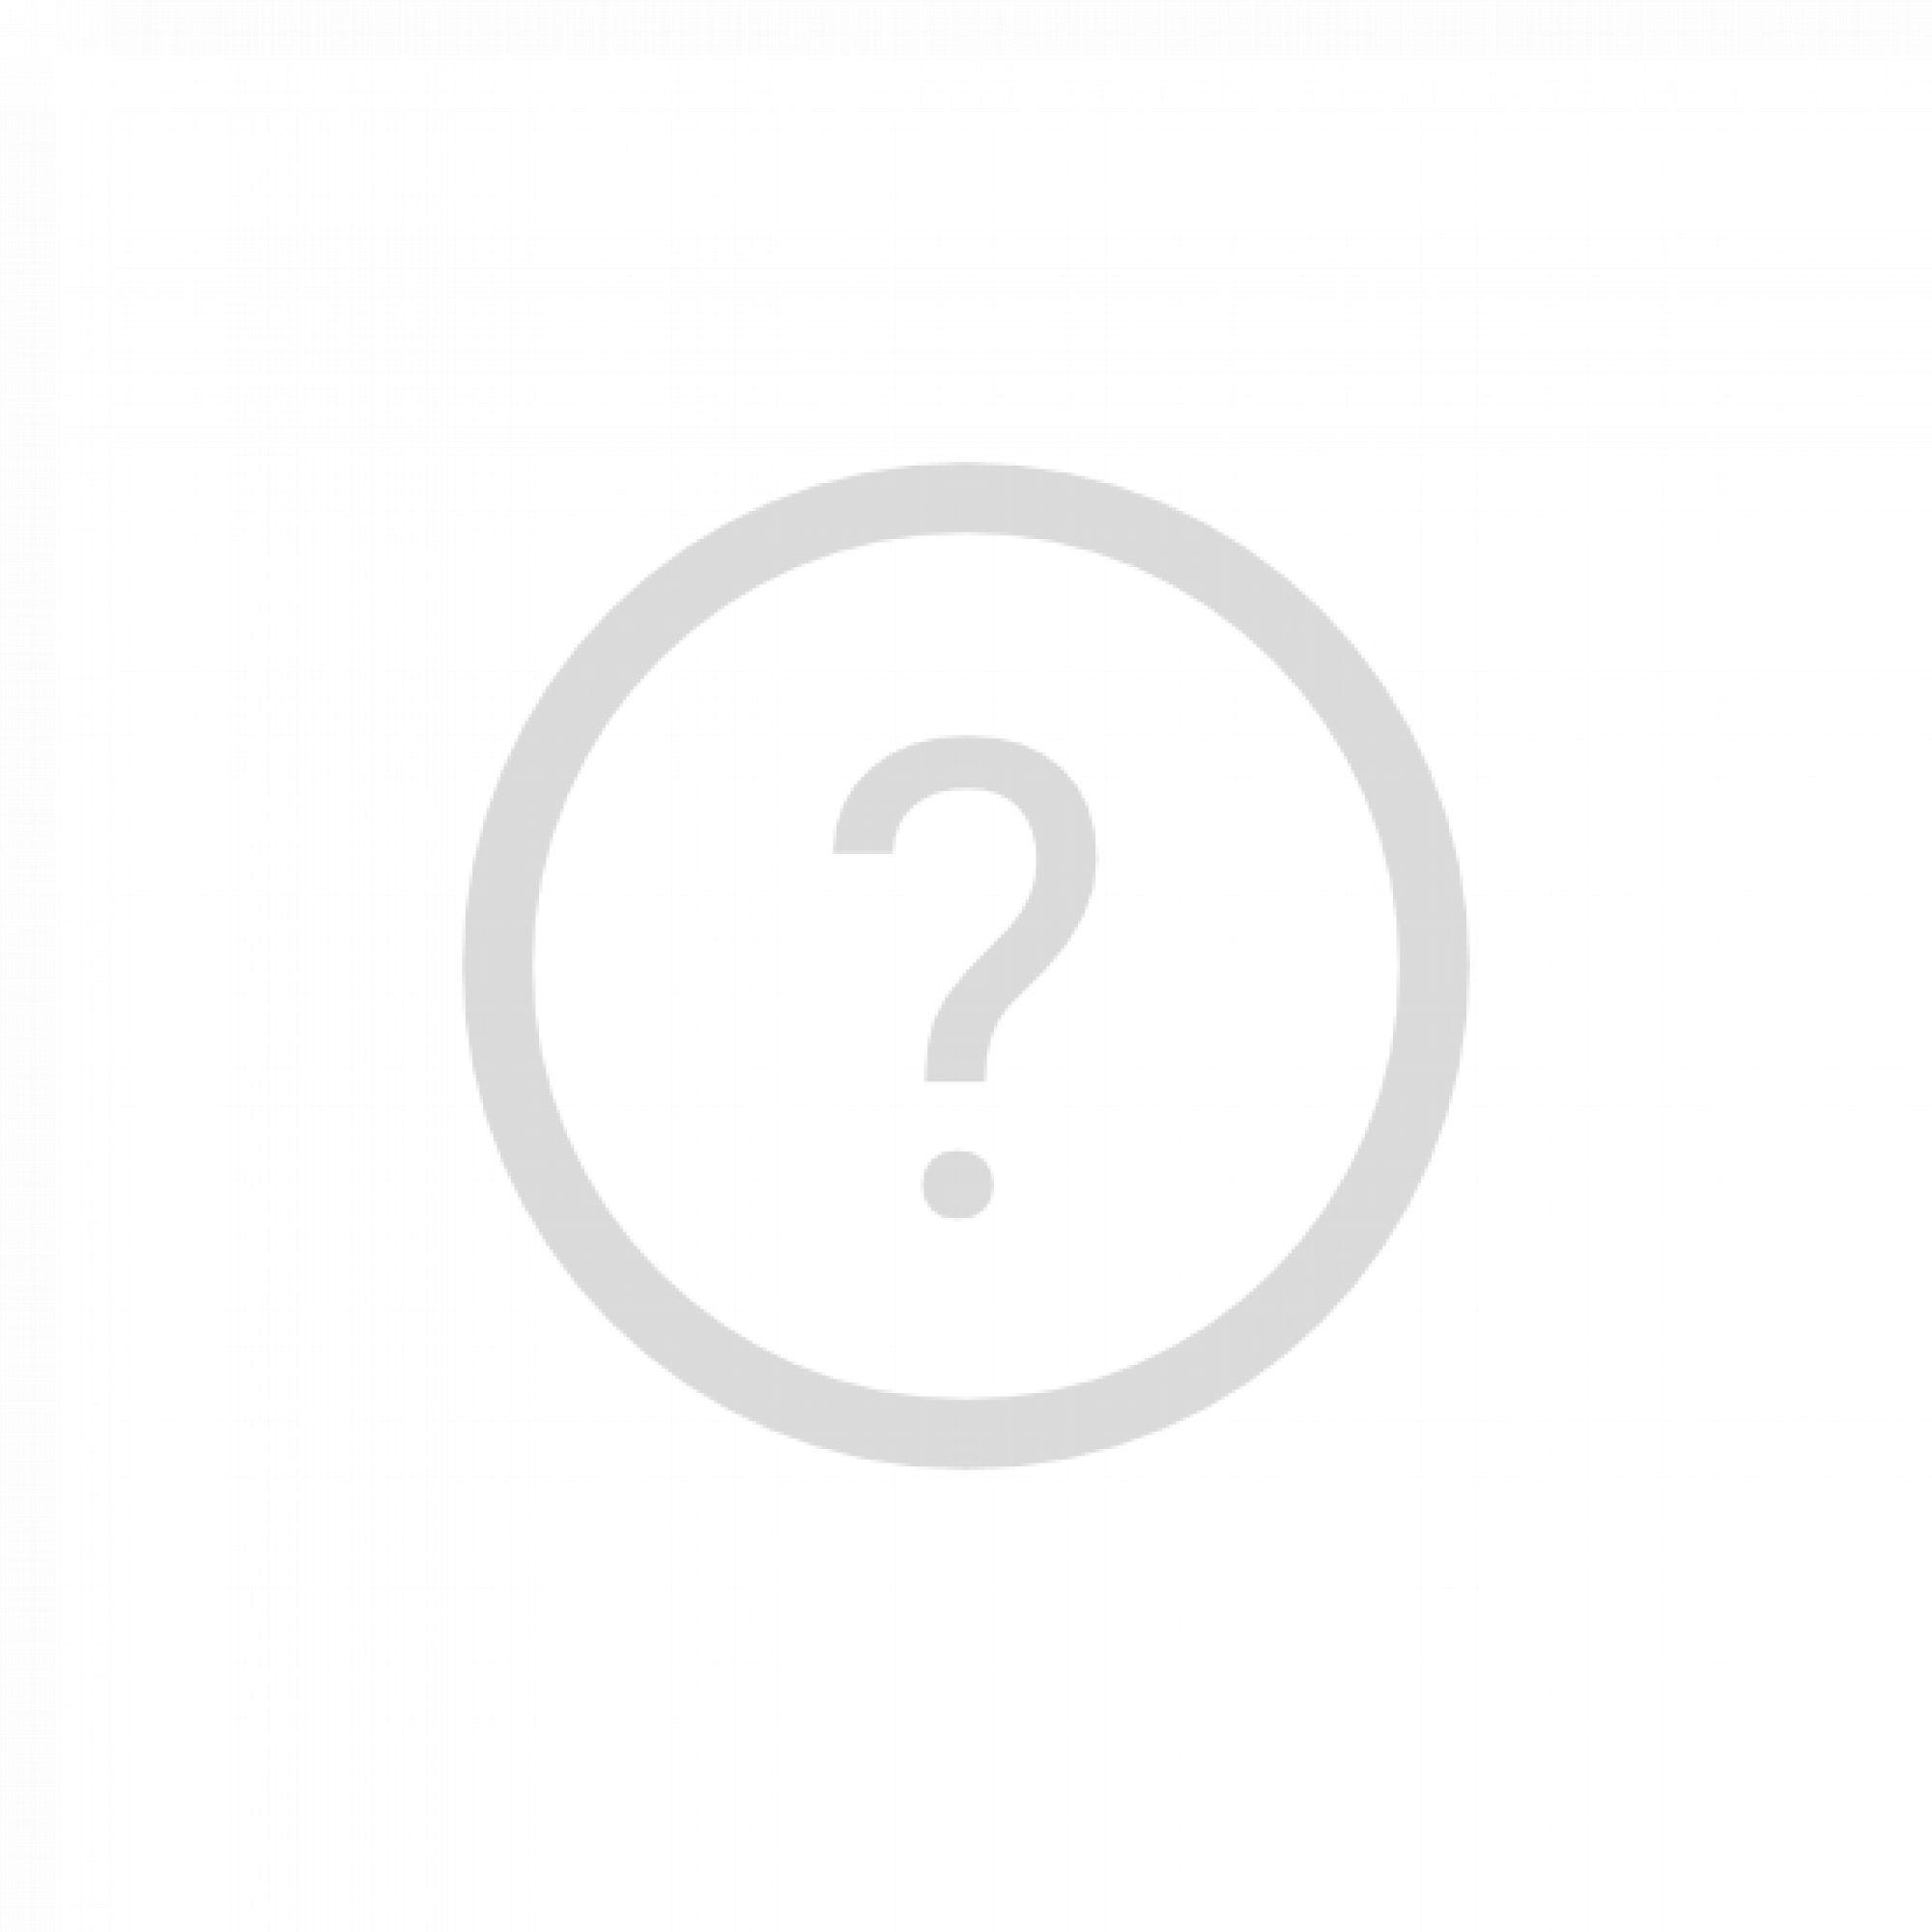 oxigin 19 oxspoke felgen black foil white felgenbett. Black Bedroom Furniture Sets. Home Design Ideas